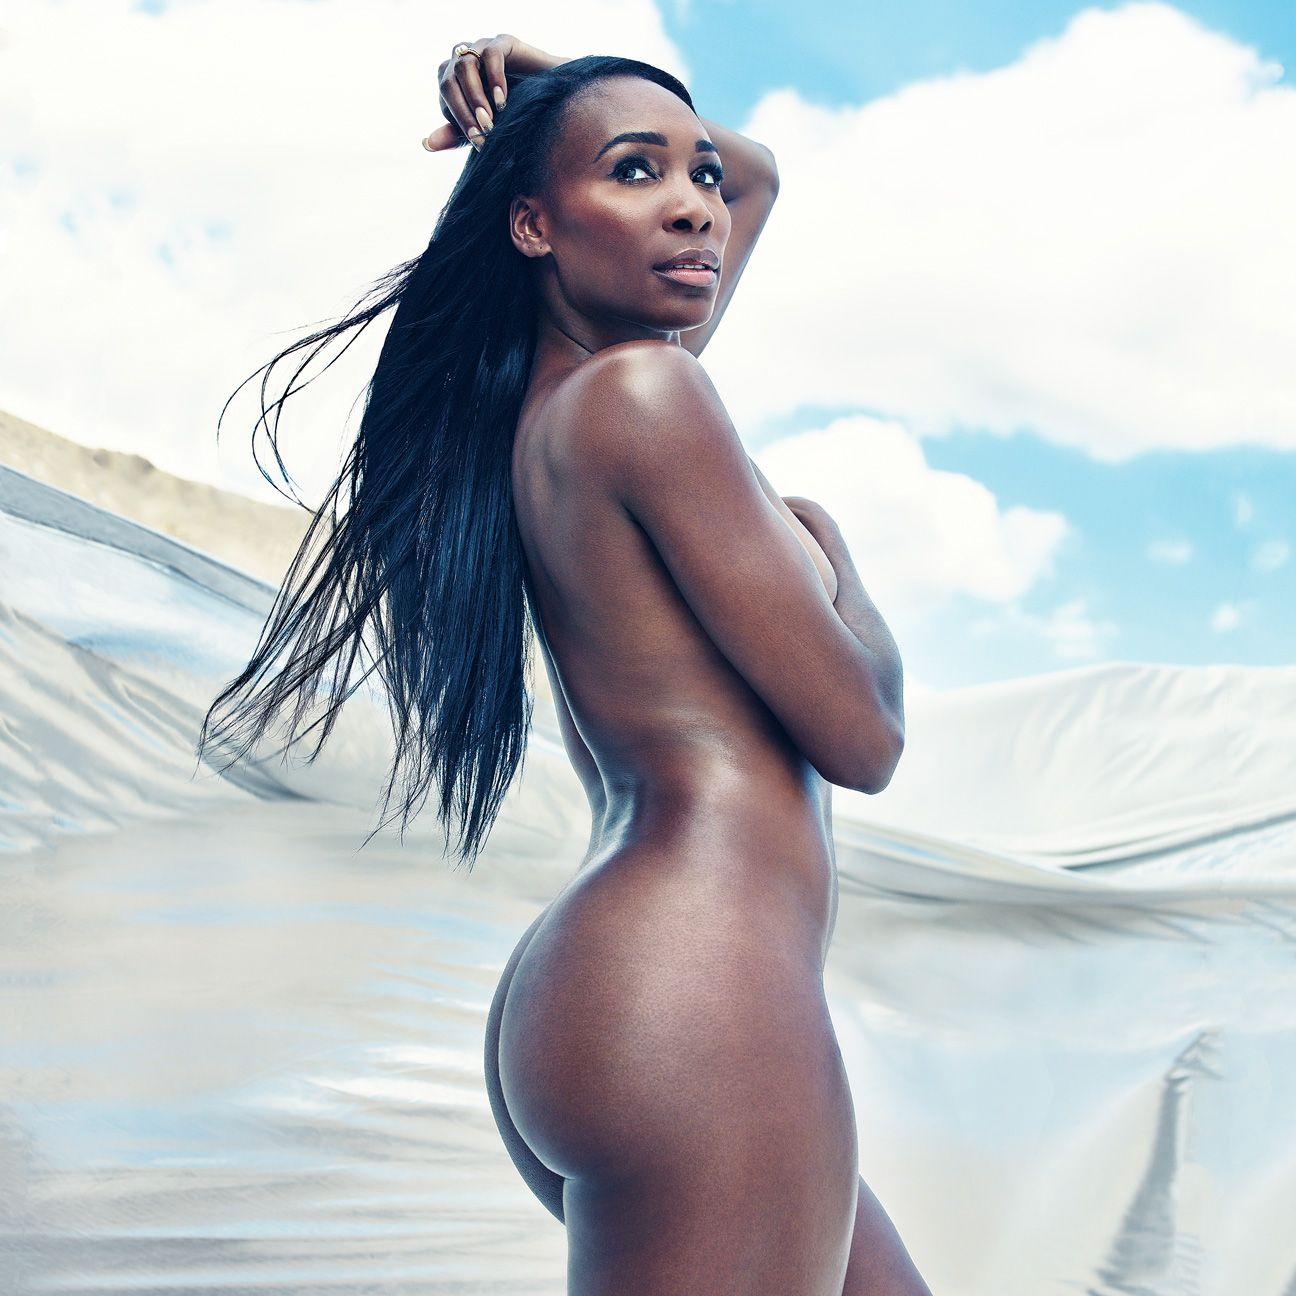 Are Serena williams pics espn nude